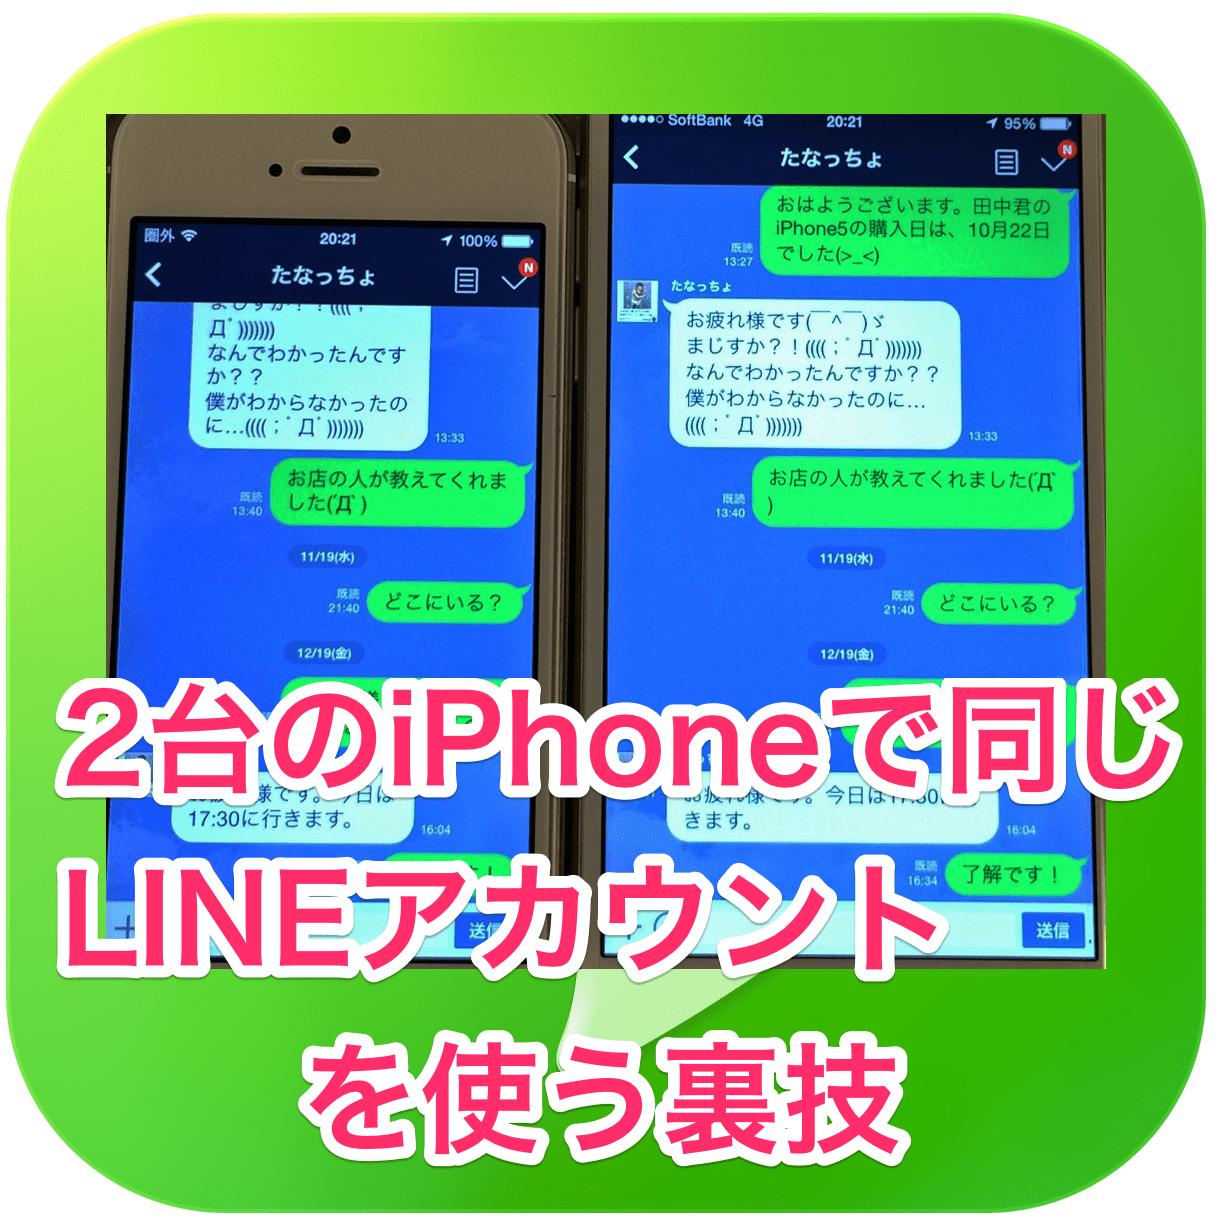 【LINE共有】2台のiPhoneで同じLINEアカウントを使う裏技